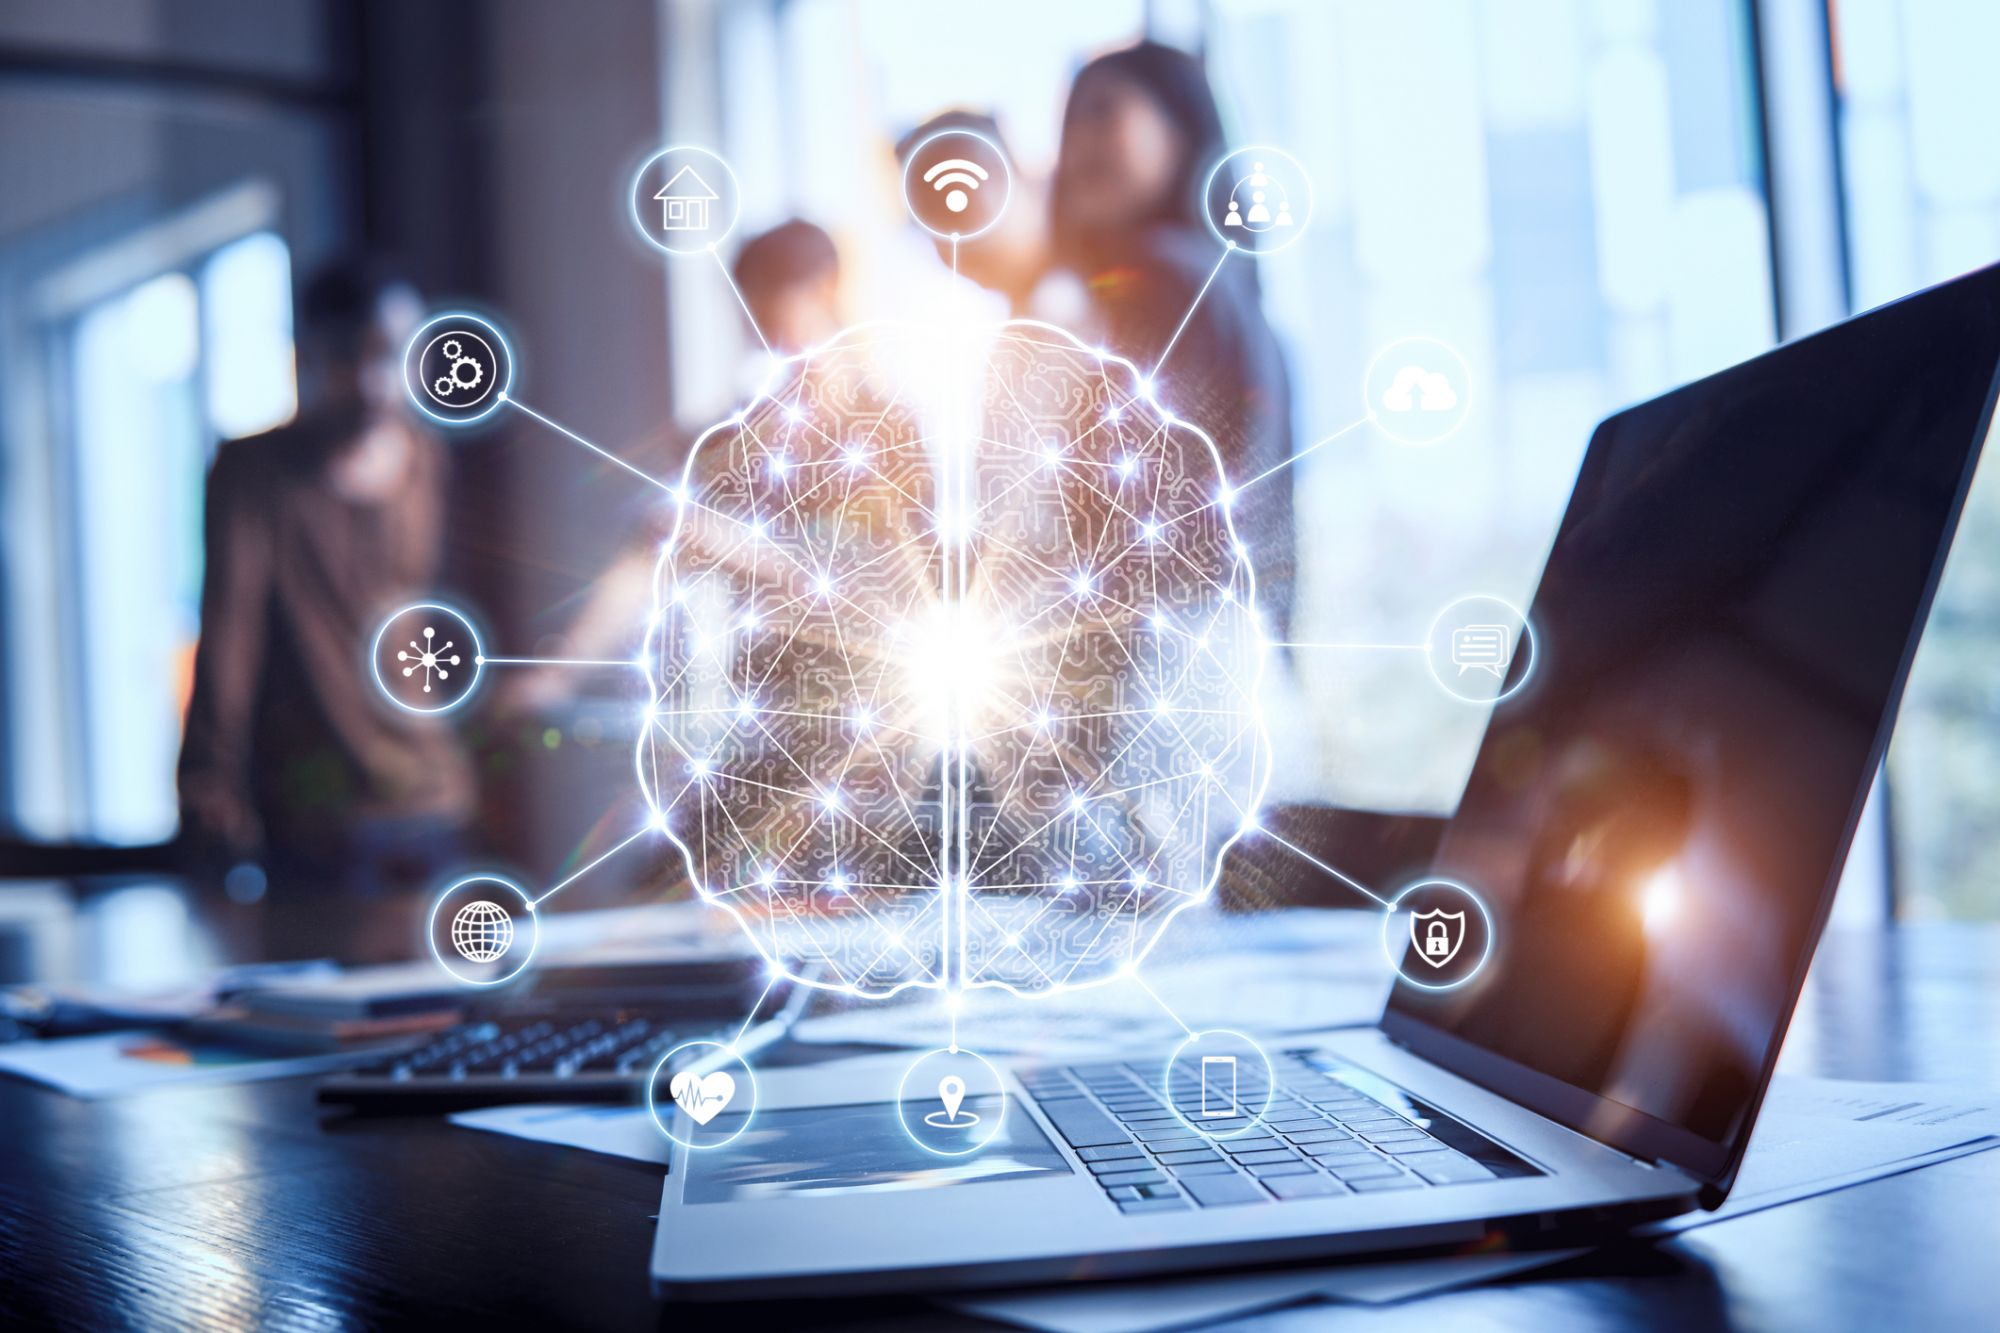 Reclutamiento de personal con inteligencia artificial 3